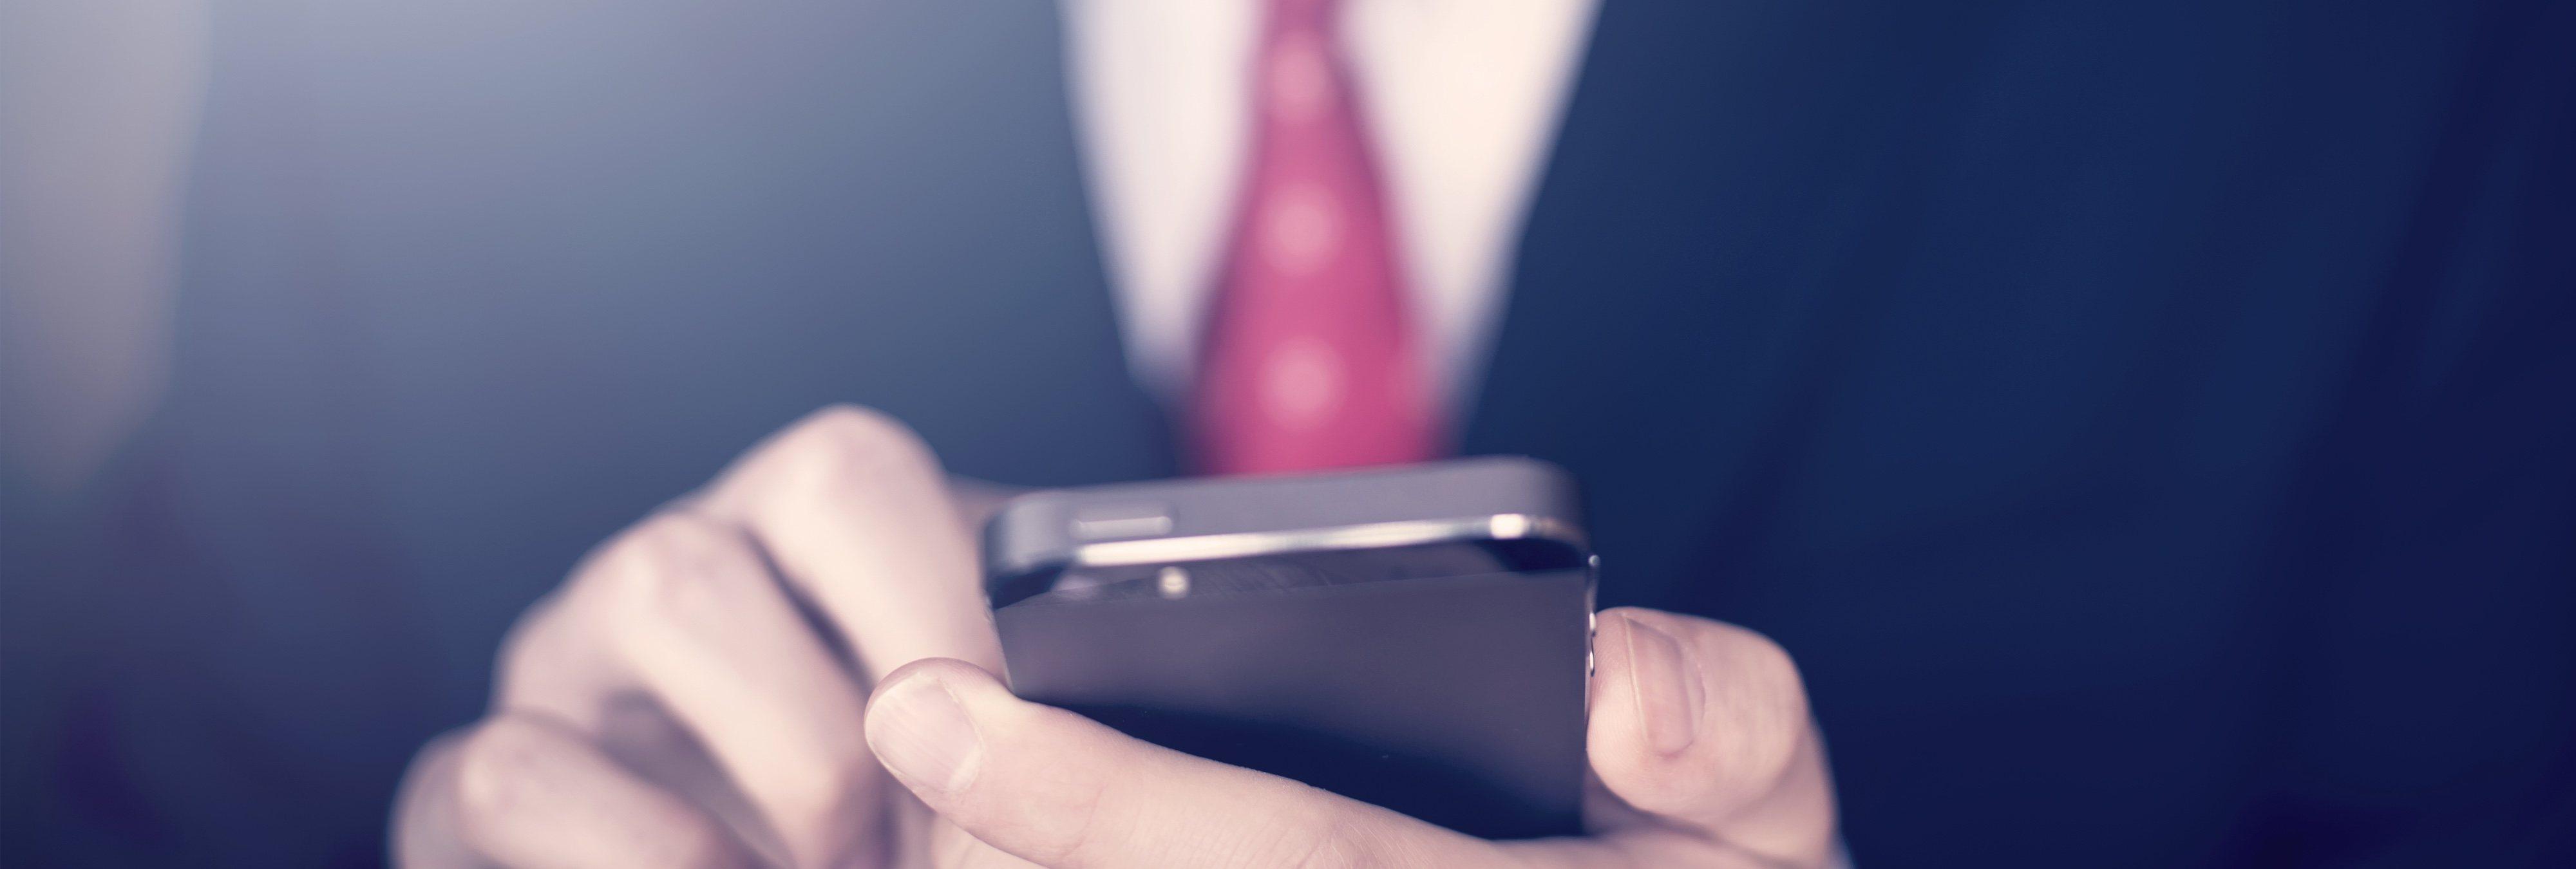 El truco para descubrir qué apps están espiando nuestra cámara o micrófono al minuto